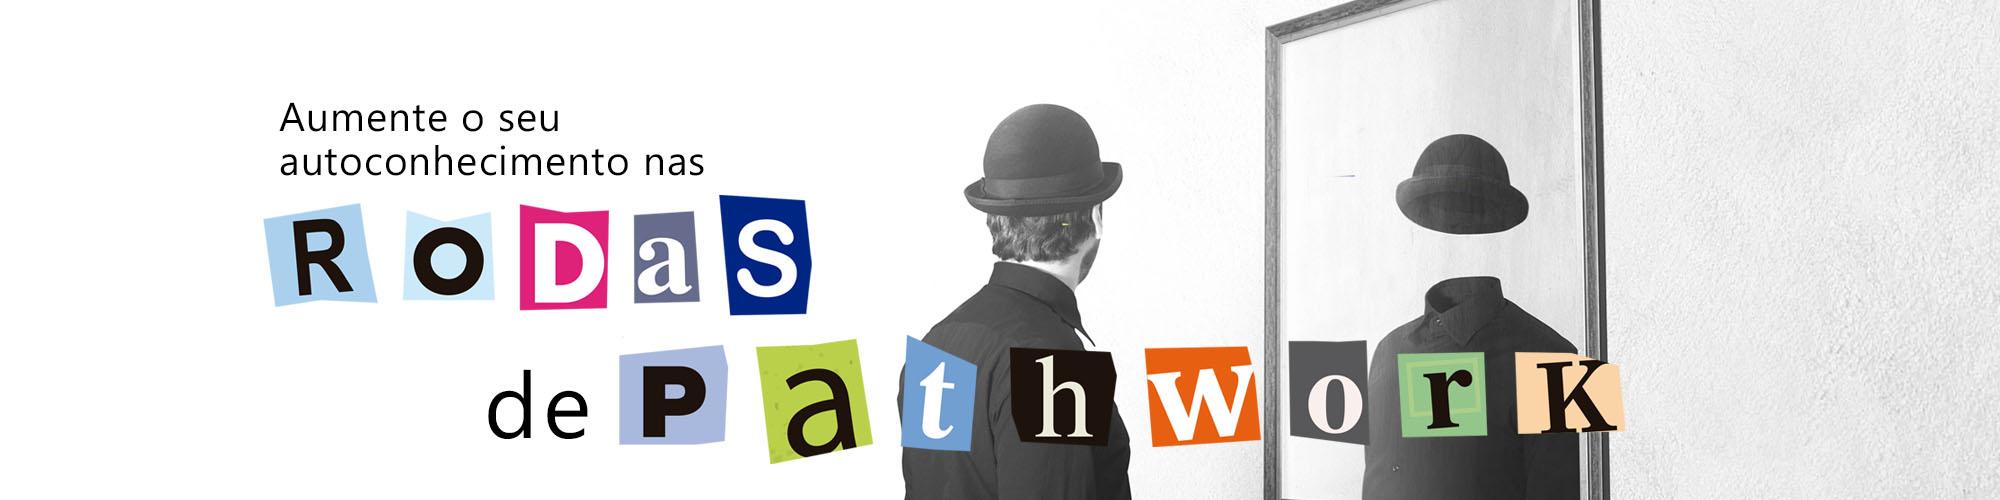 Aumente o seu autoconhecimento nas Rodas de Pathwork®